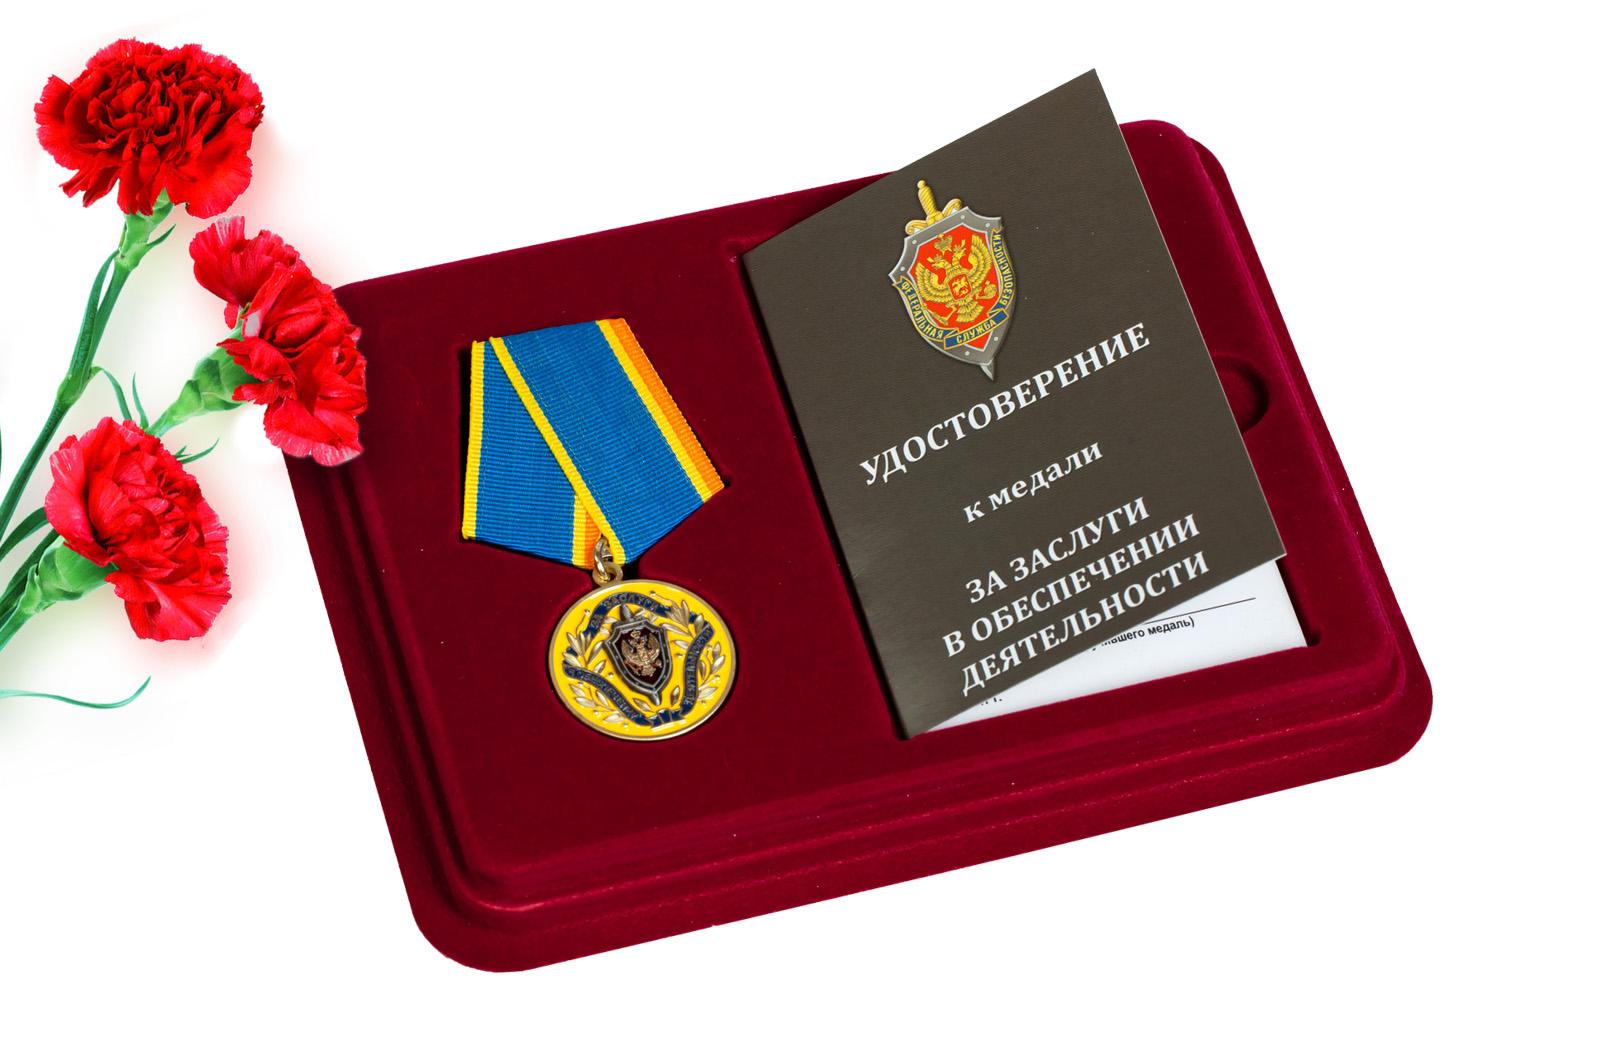 Купить медаль ФСБ РФ За заслуги в обеспечении деятельности оптом